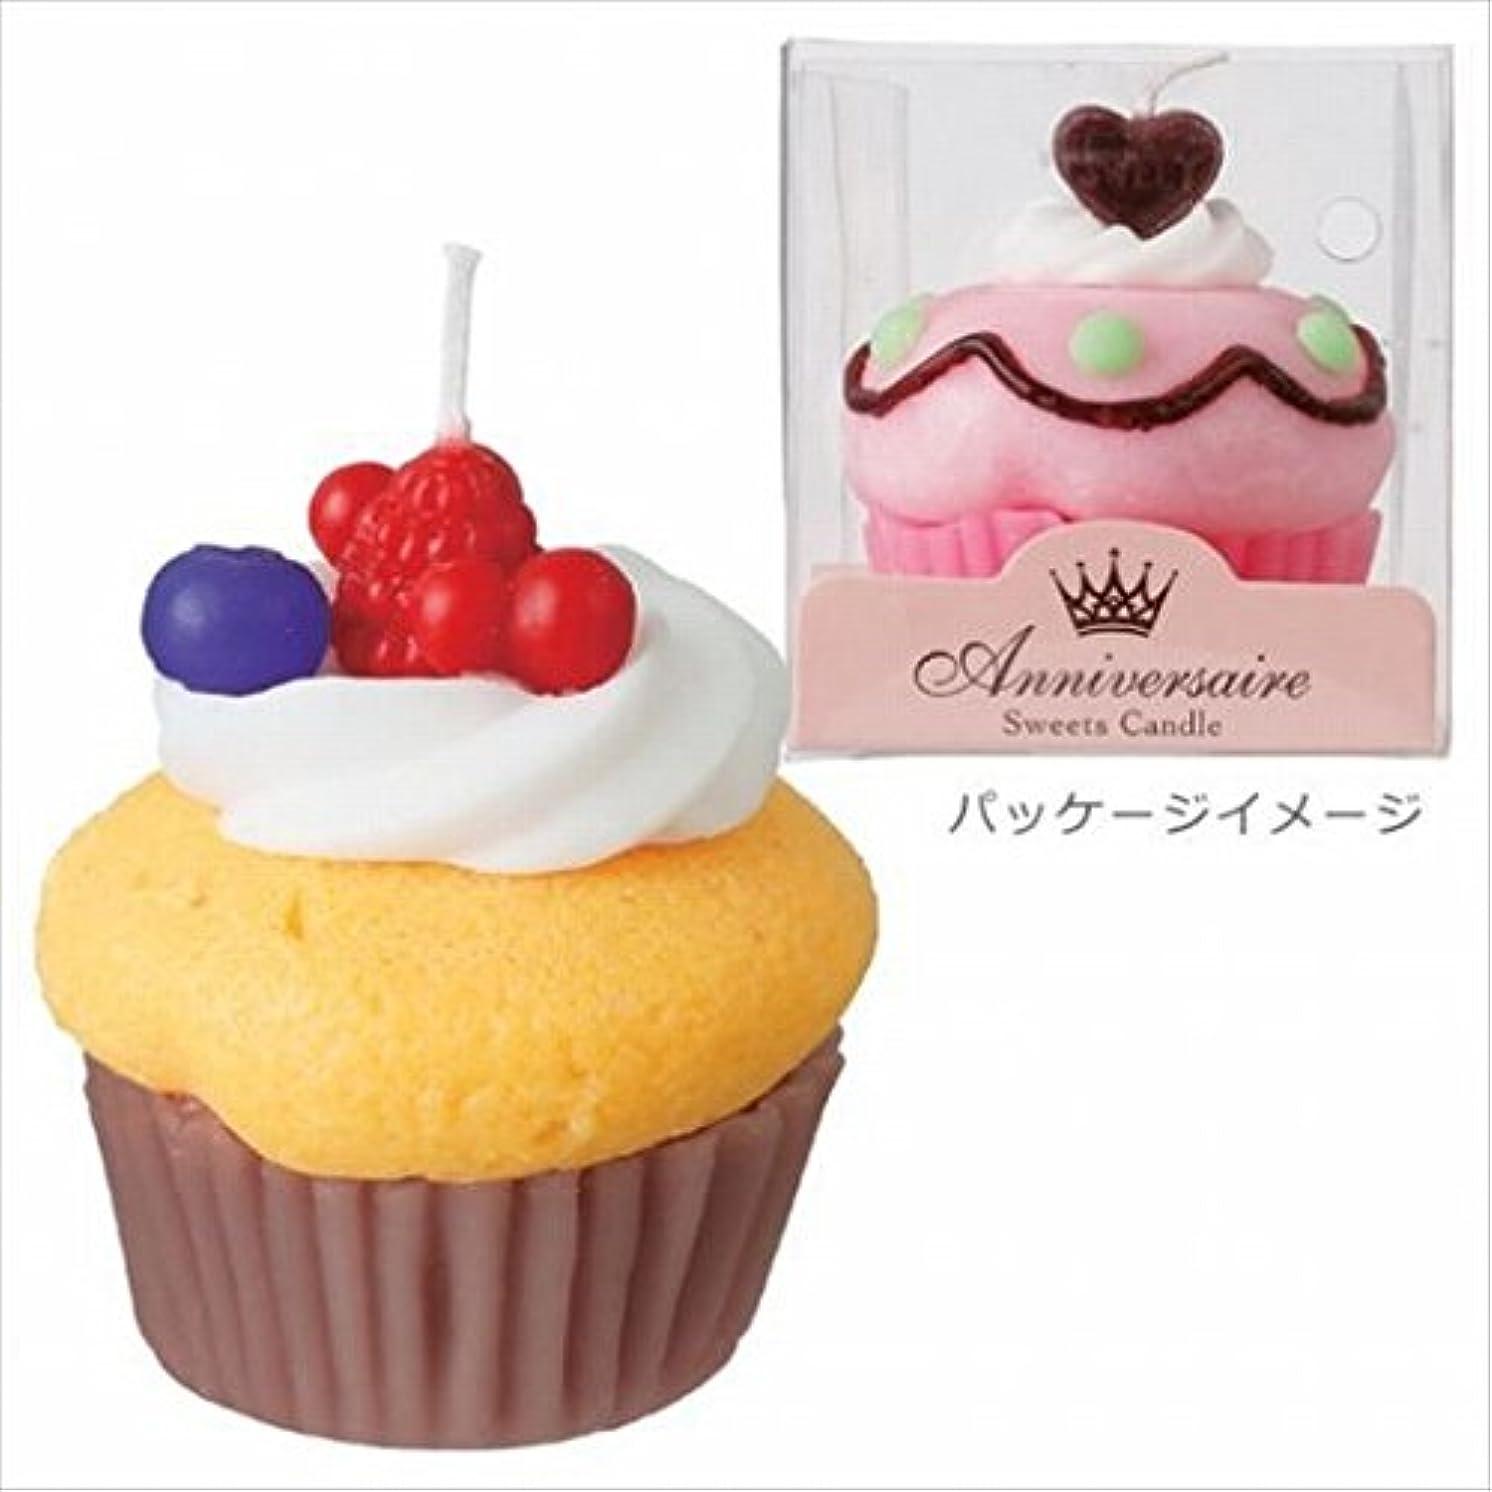 熟練した秘書囲まれたカメヤマキャンドル( kameyama candle ) カップケーキキャンドル 「 マンゴーカップケーキ 」